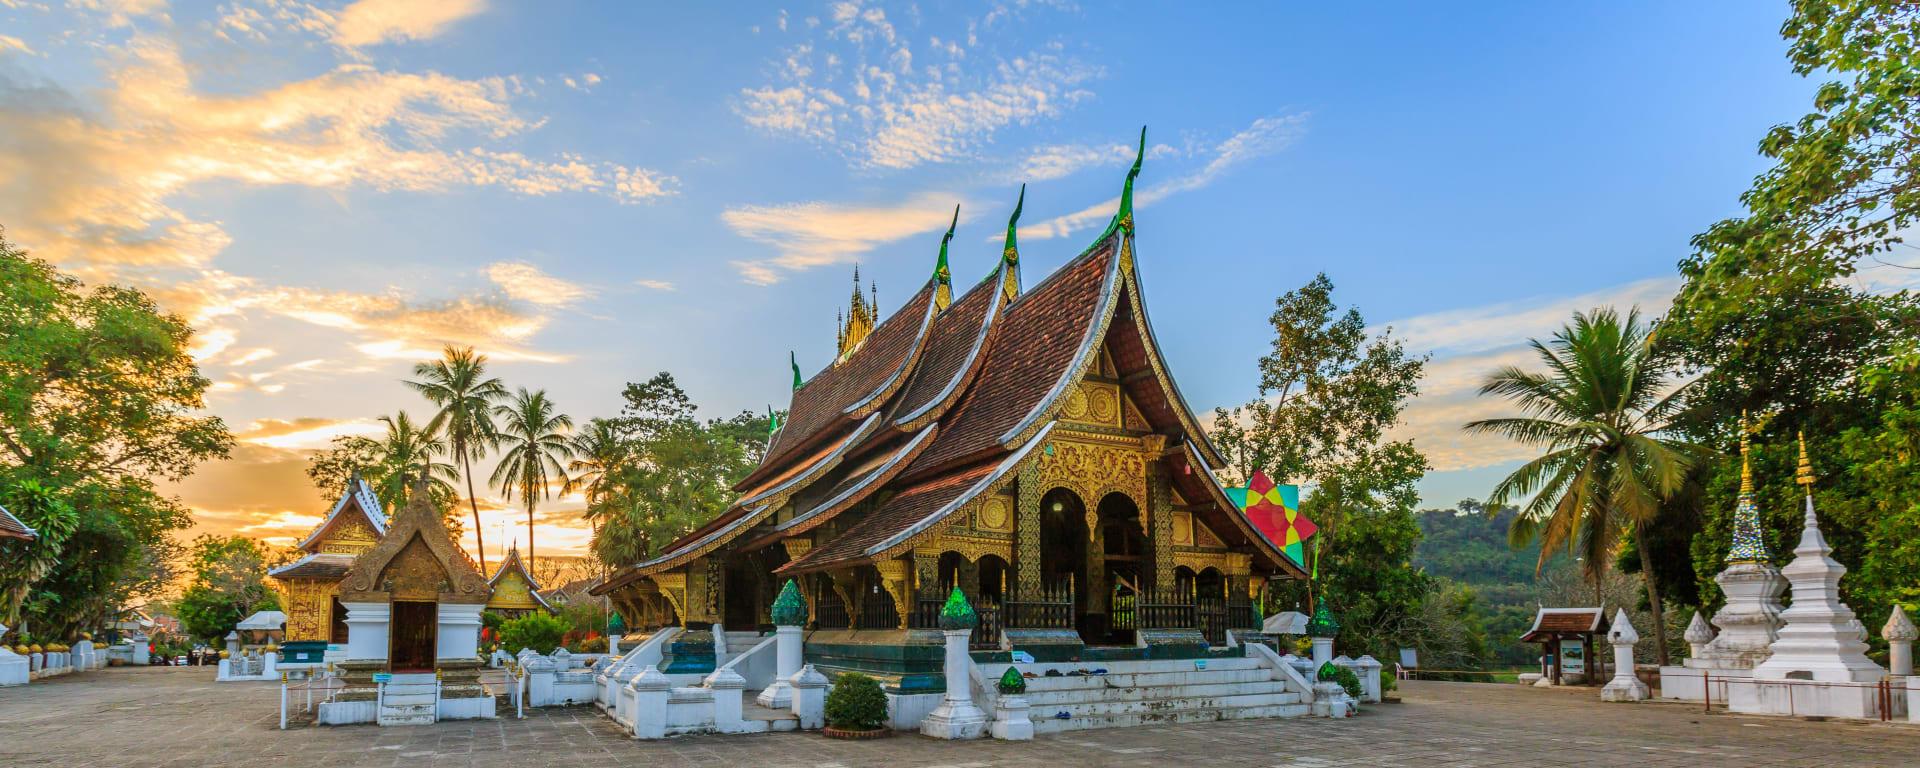 Laos entdecken mit Tischler Reisen: Laos Luang Prabang Wat Xieng Thong